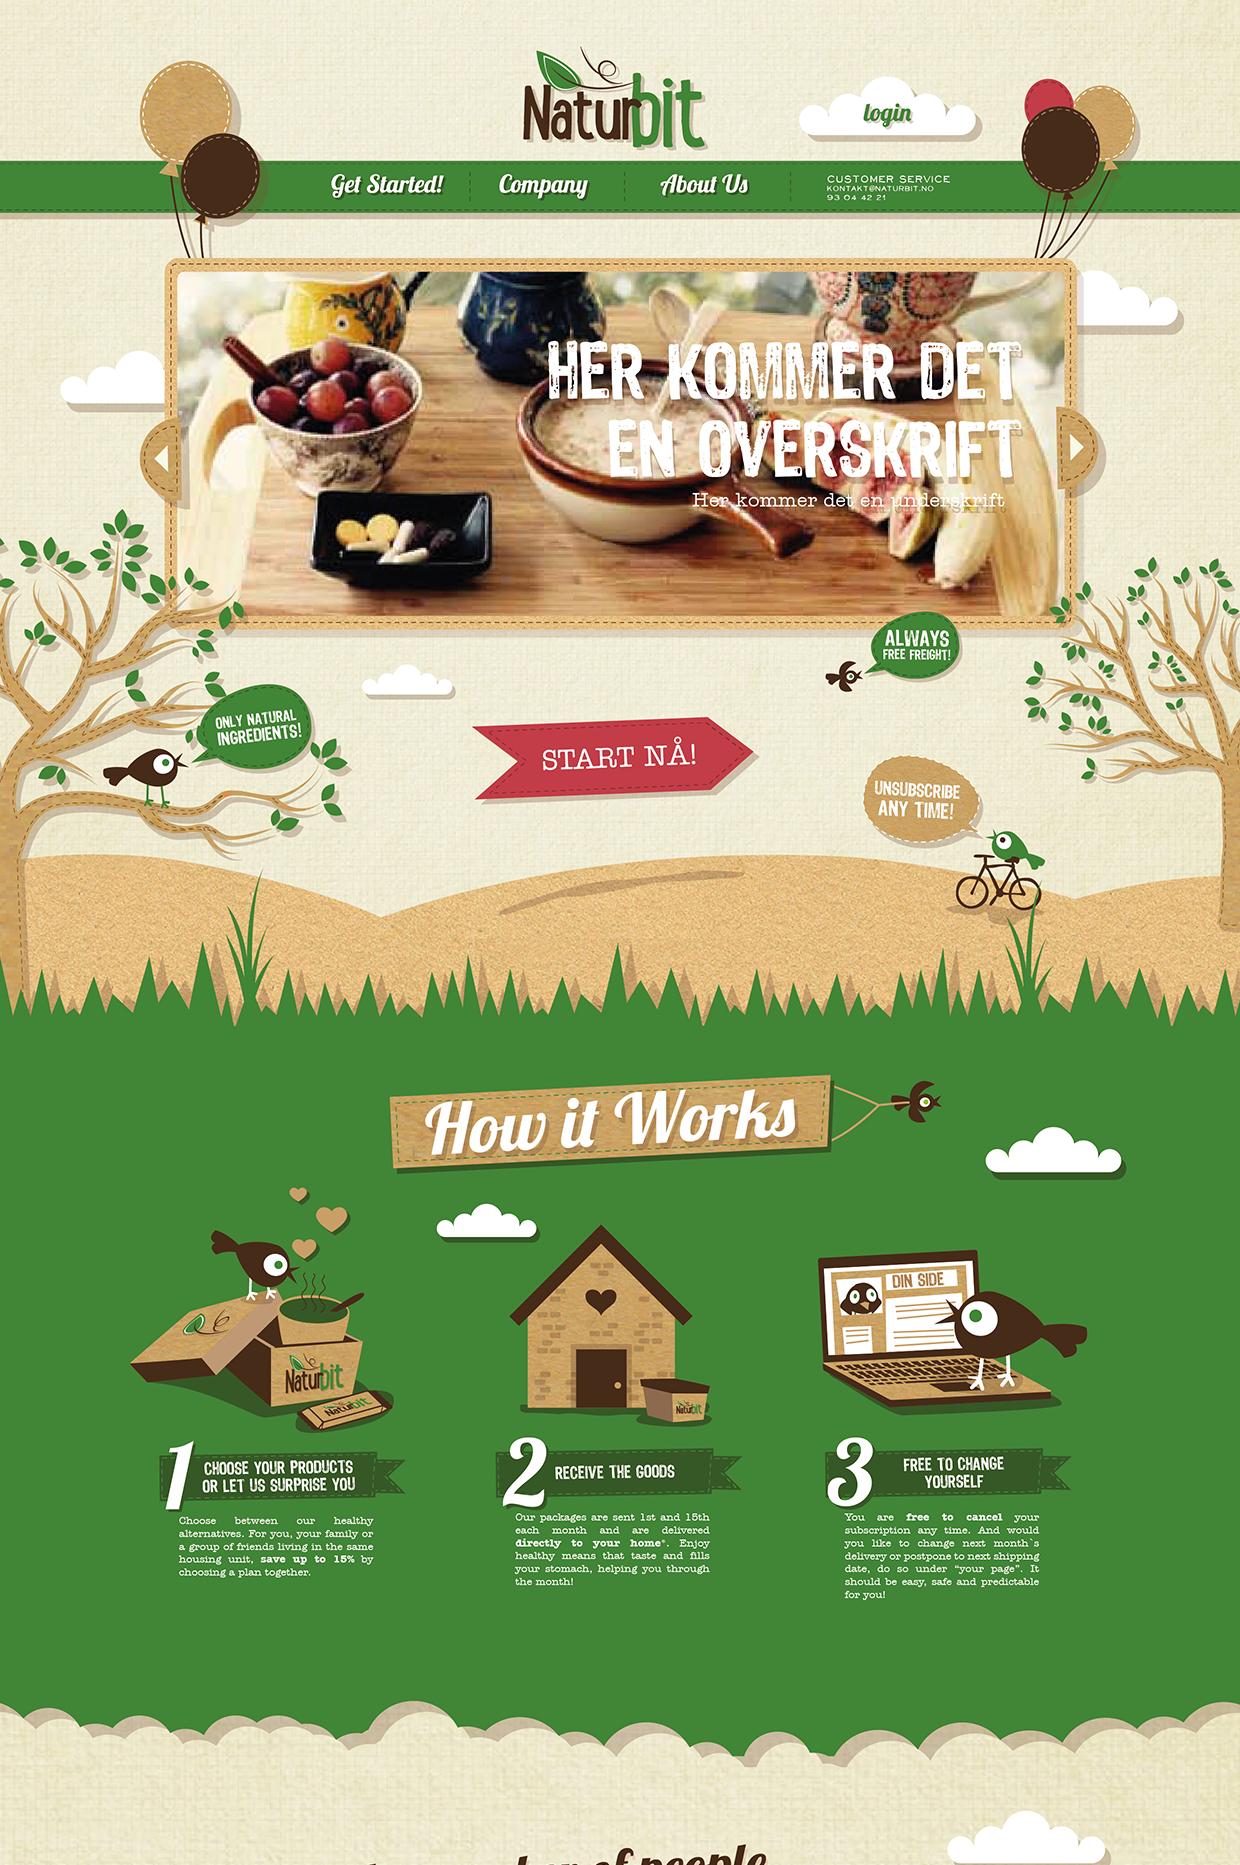 Naturbit web design